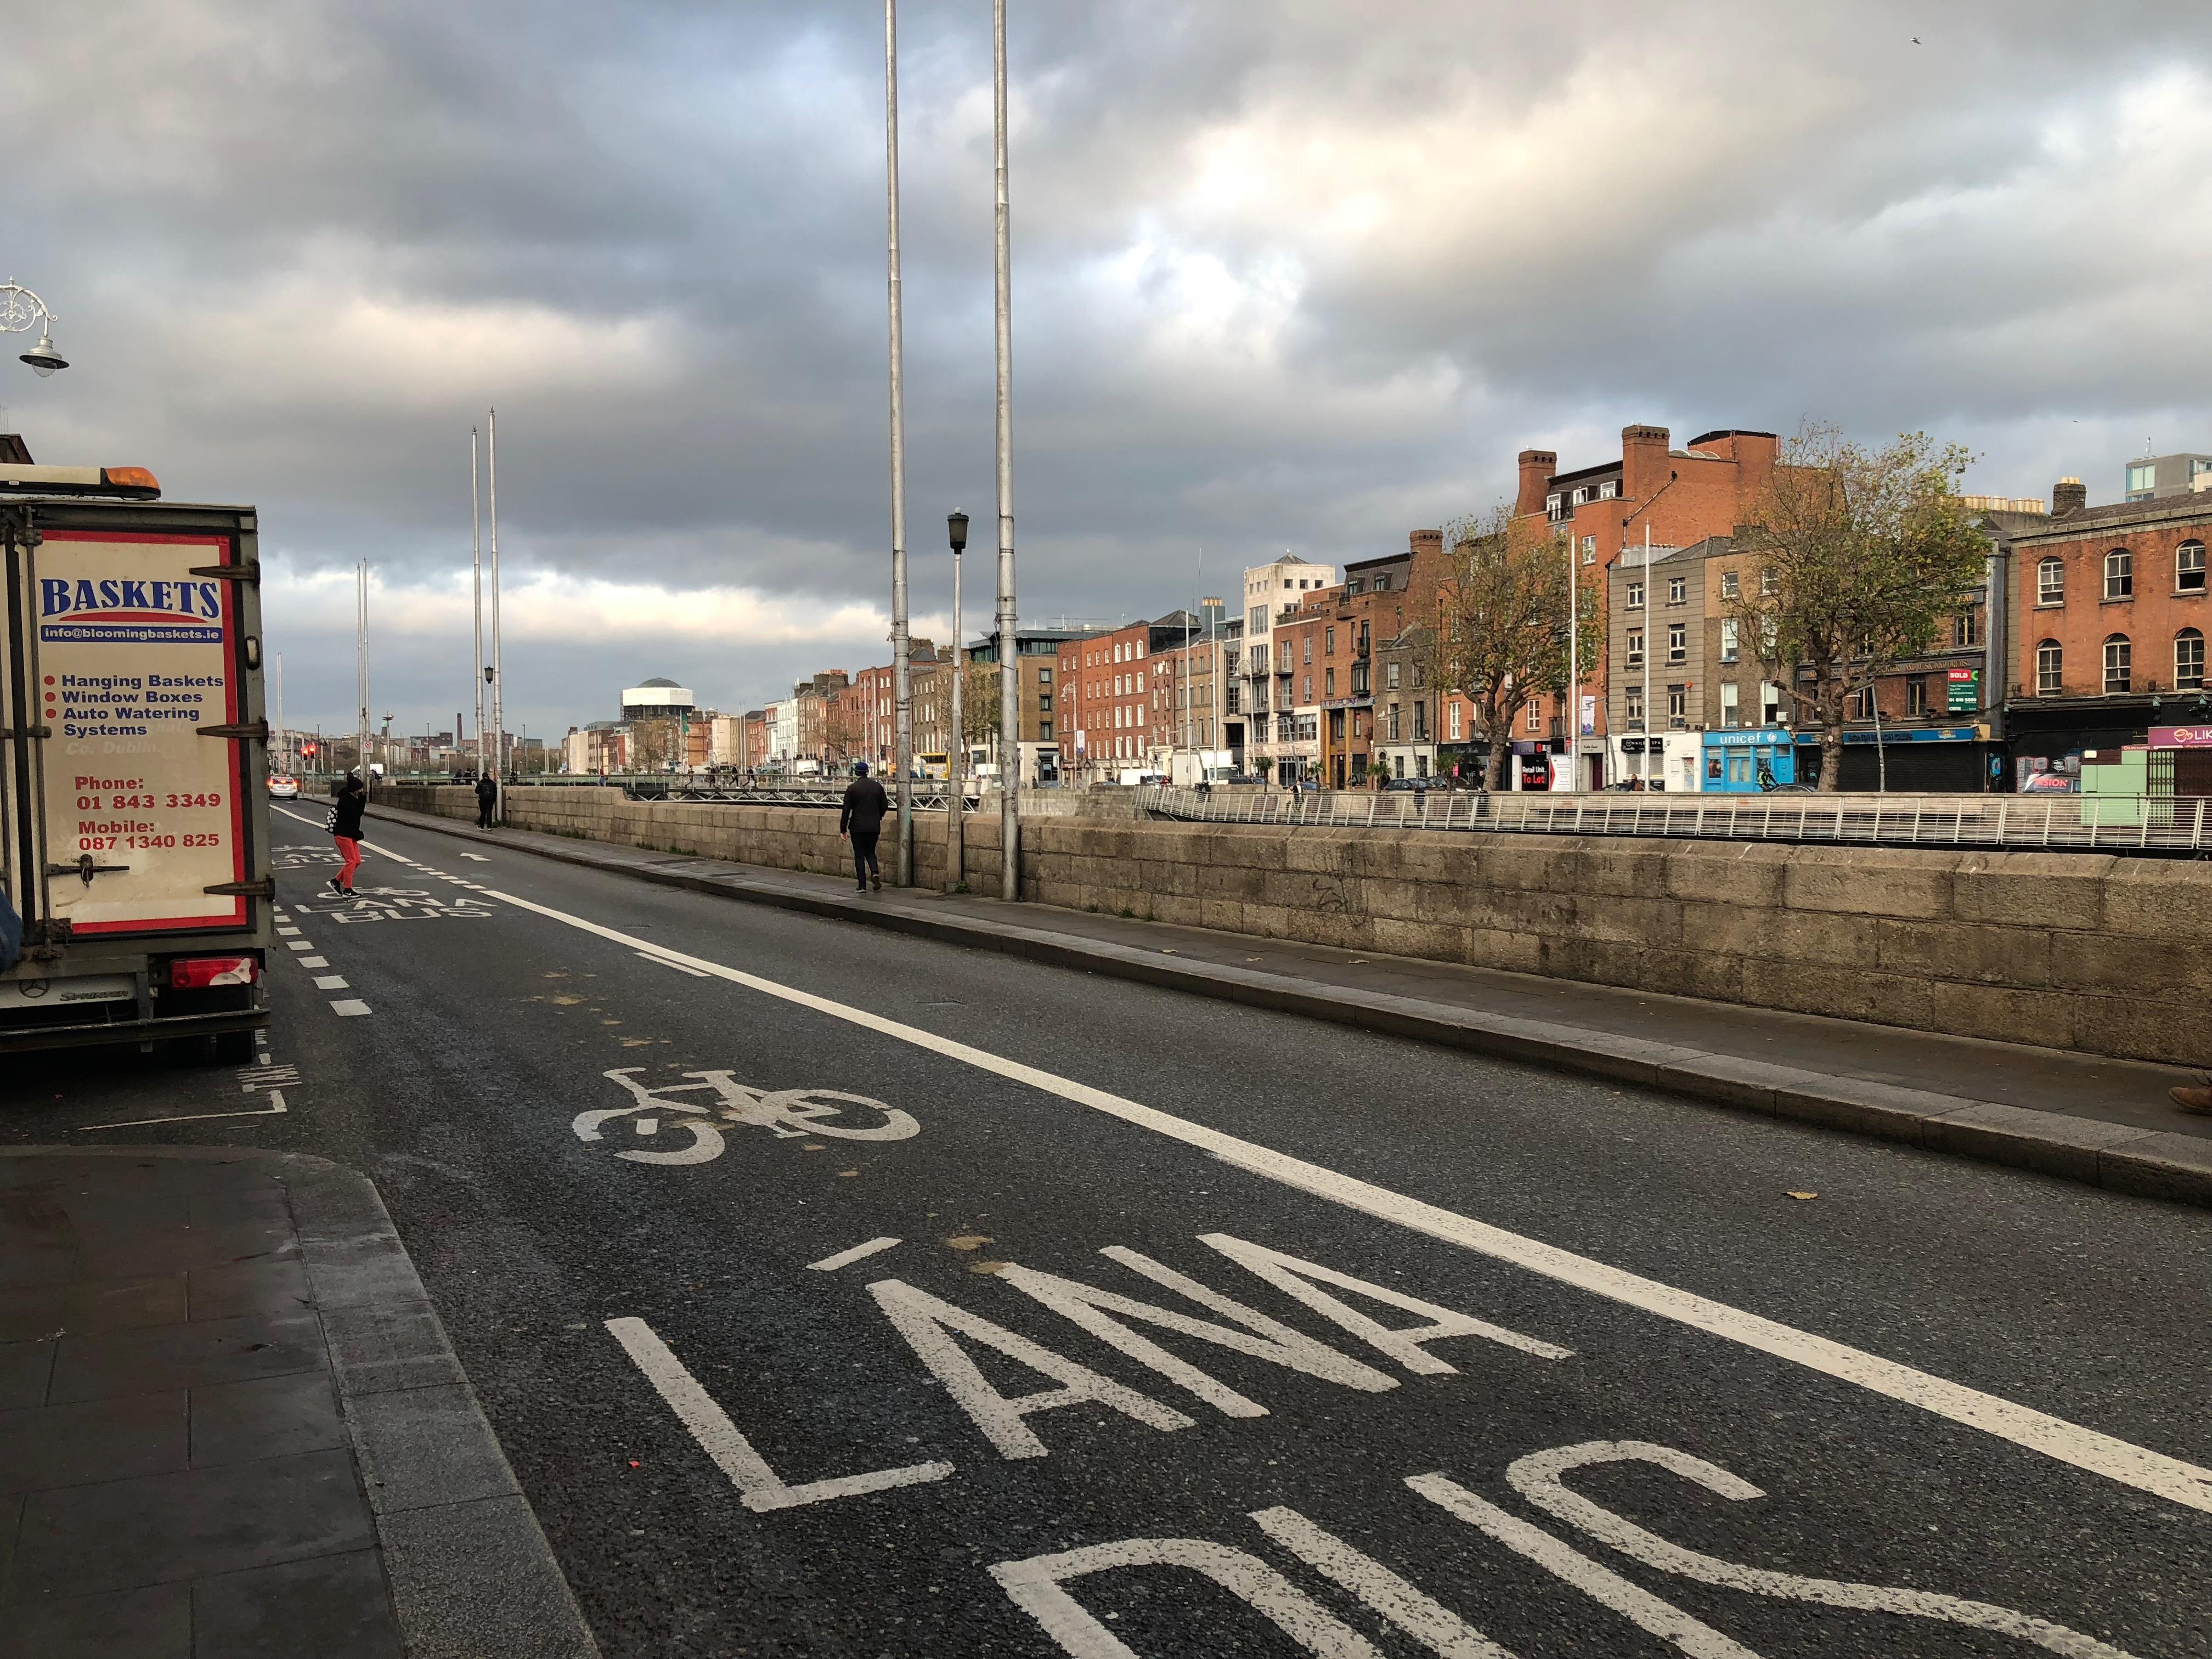 アイルランド街並み8